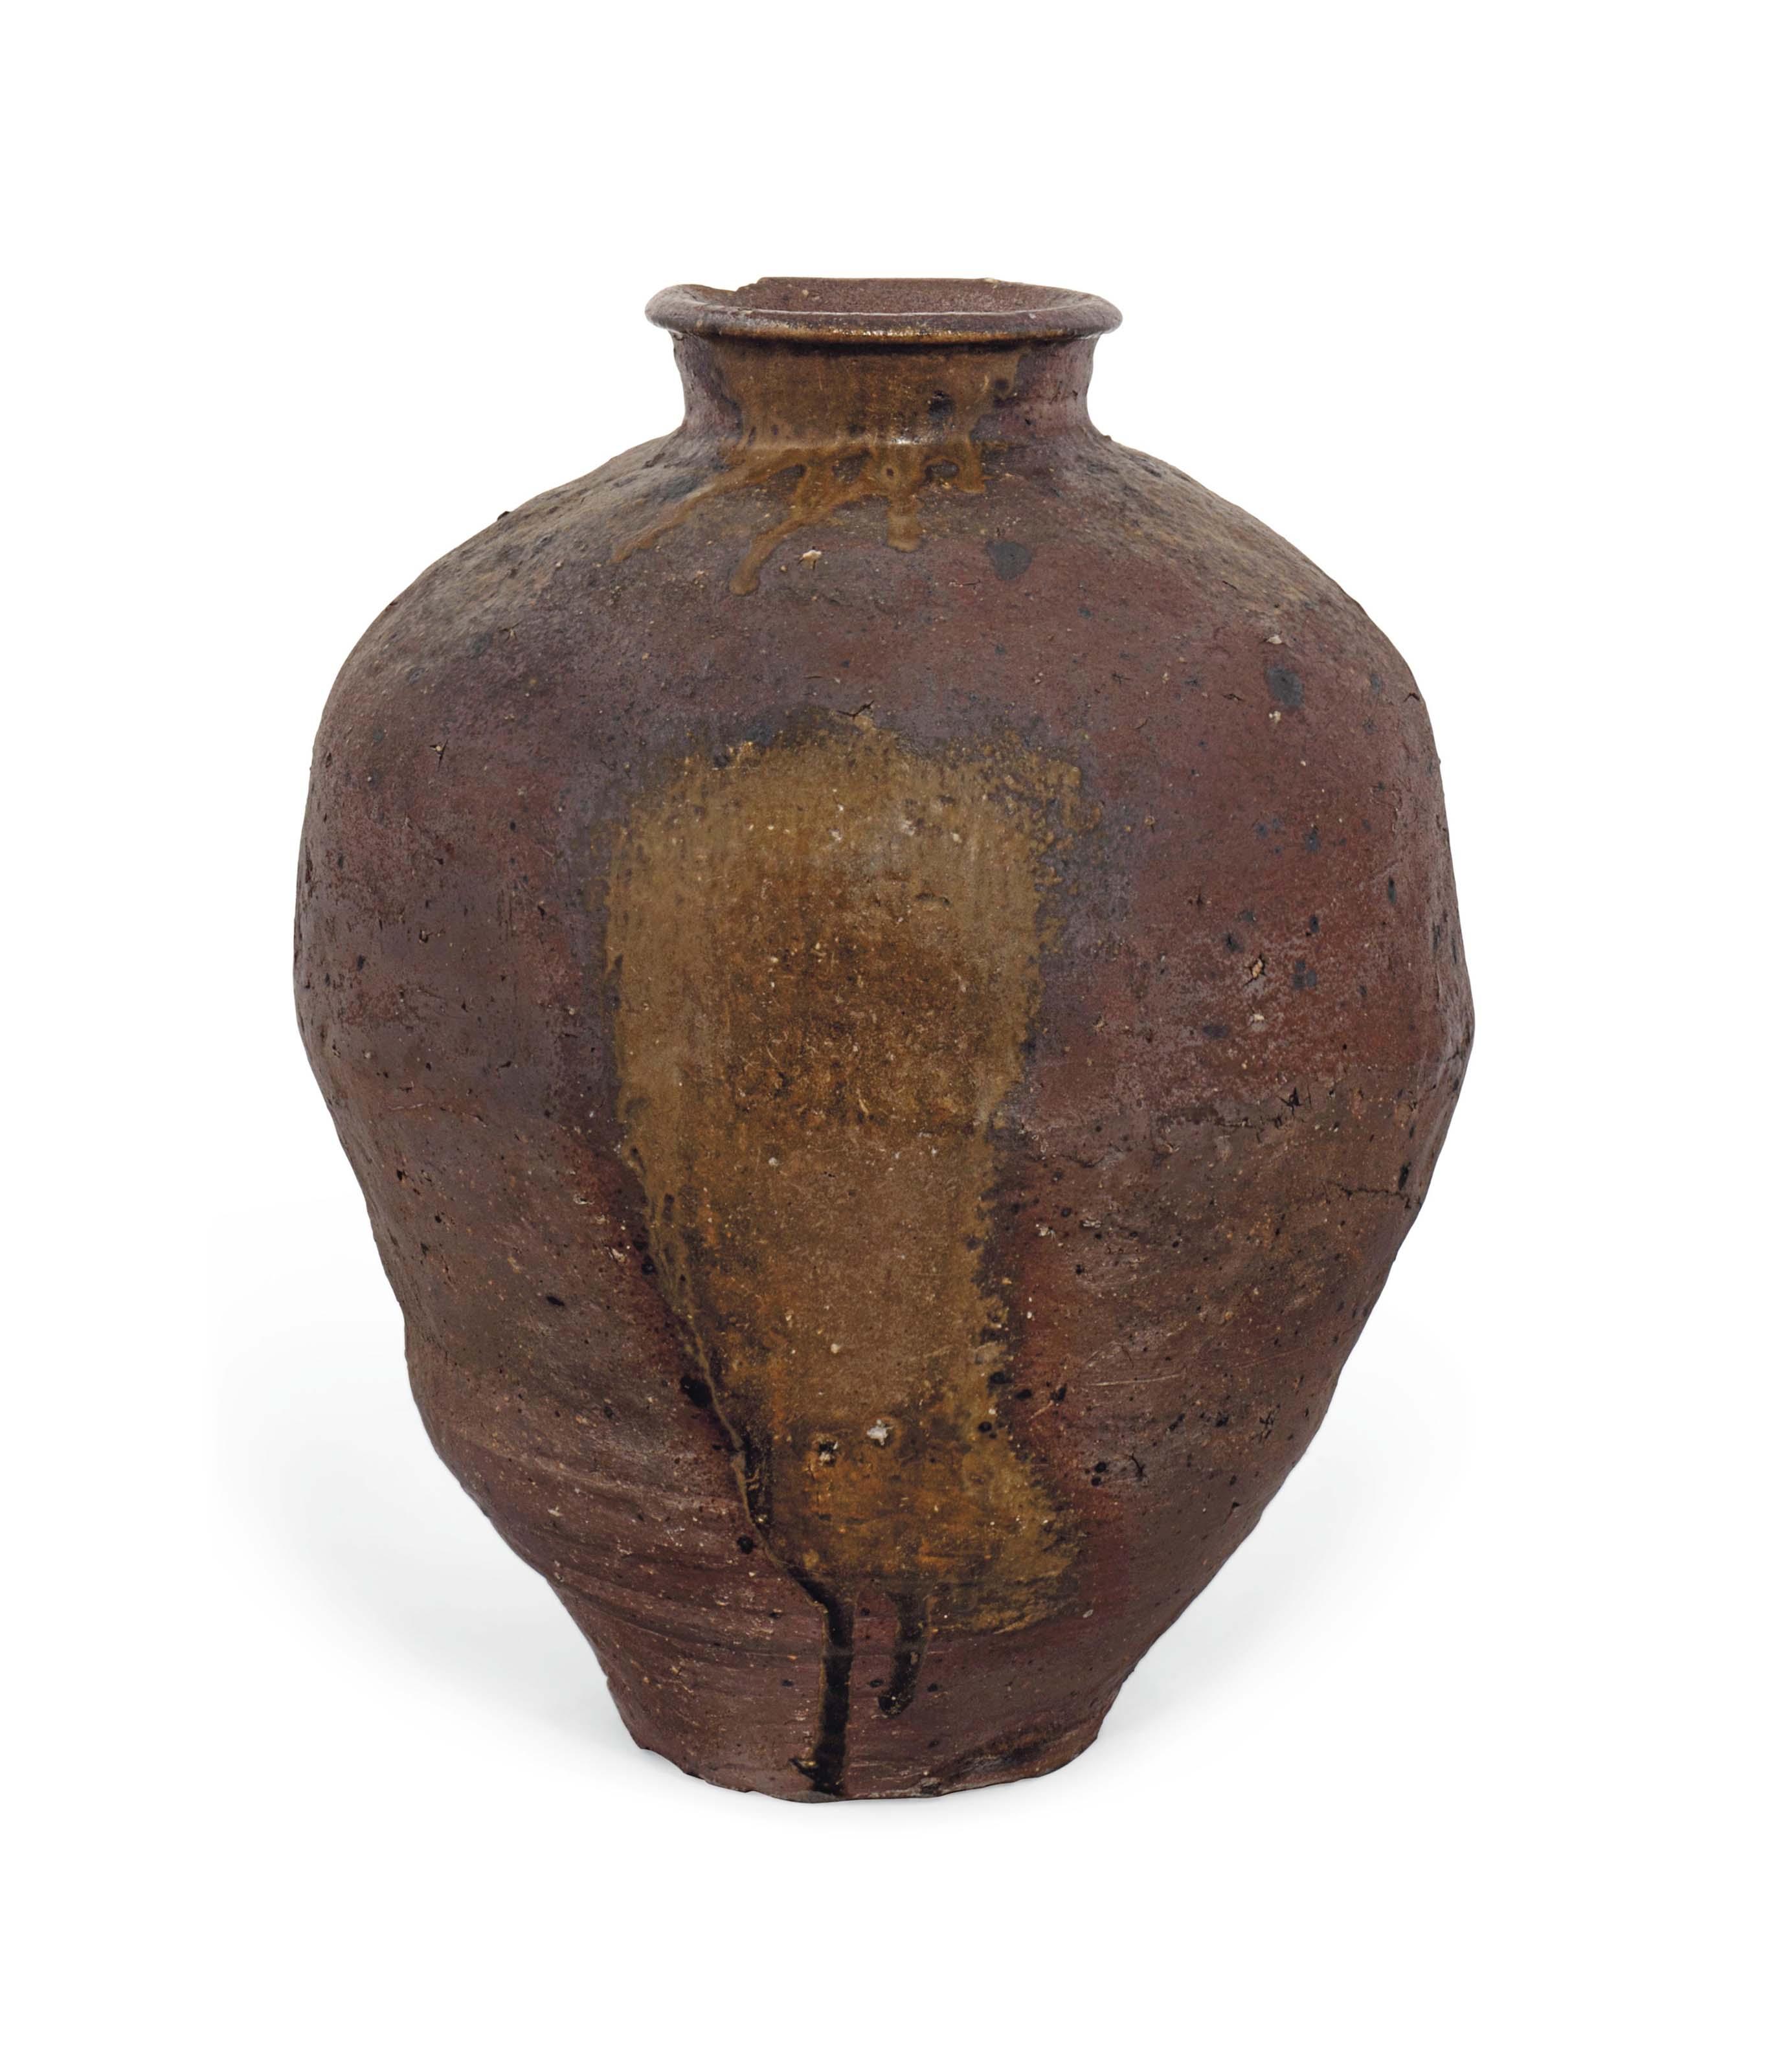 A Japanese Shigaraki Jar